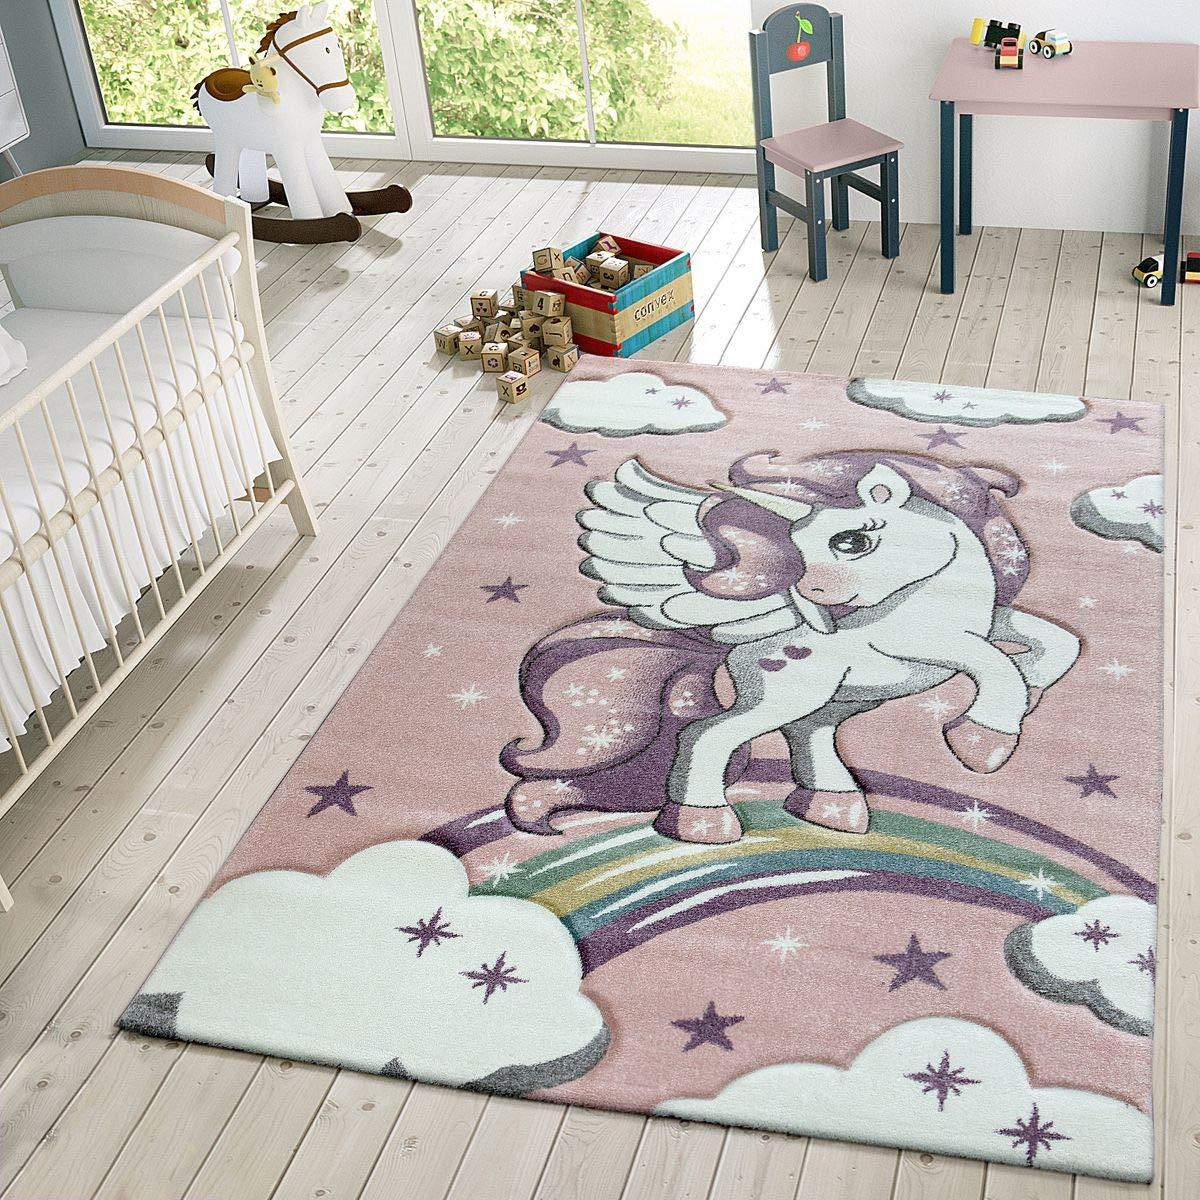 TT Home Kinder Teppich Moderner Spielteppich Einhorn Sternen Design Mit Wolken Rosa, Größe 160x230 cm